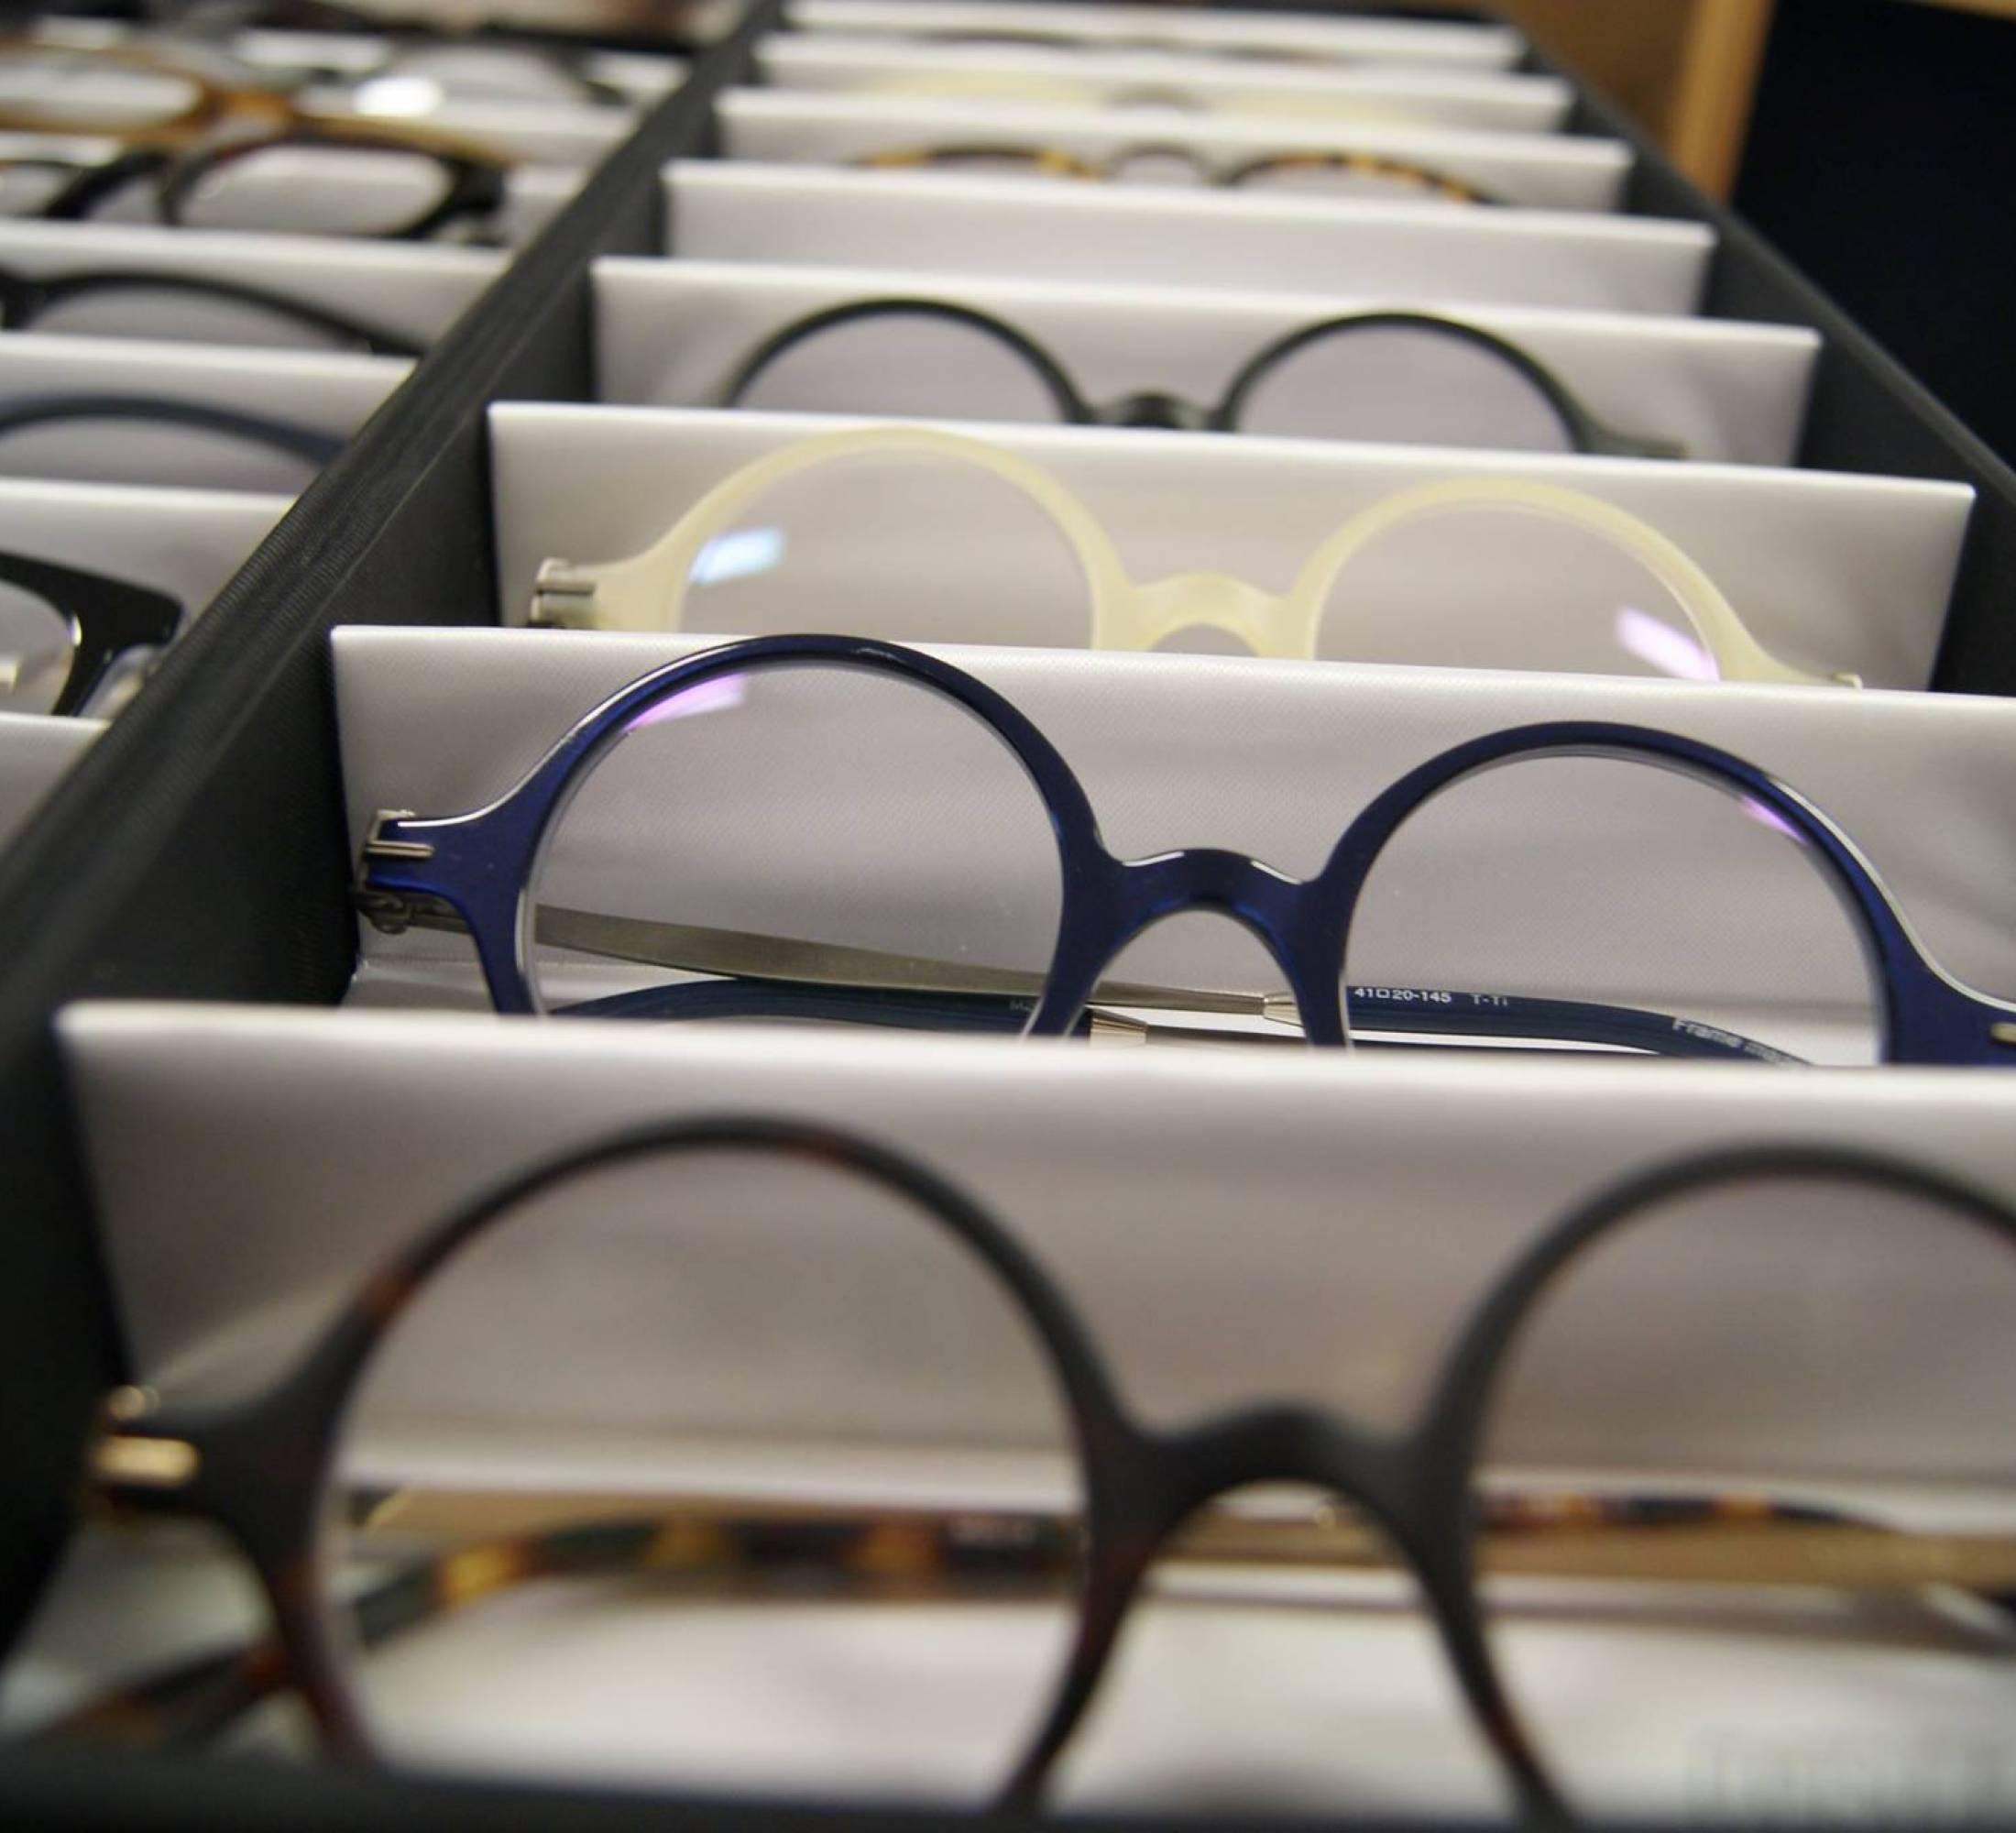 Achat de lunettes de soleil haut de gamme Le Havre - SAINTE ADRESSE ... 39eea9e181f9